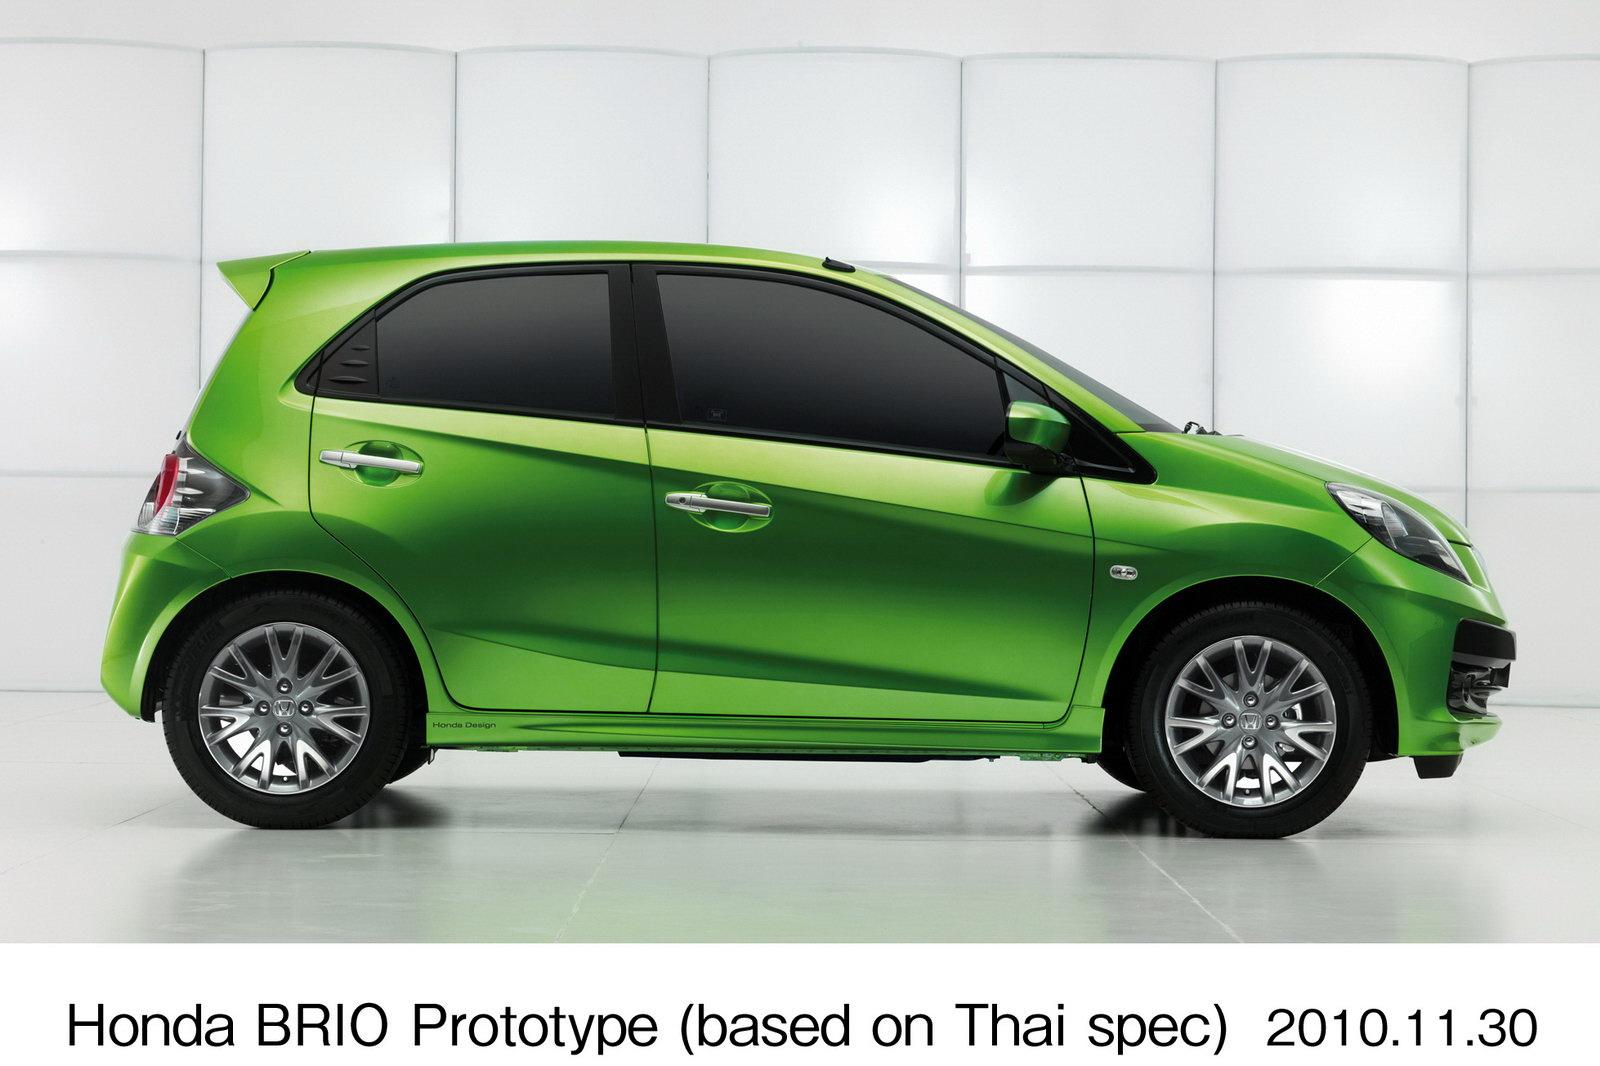 http://4.bp.blogspot.com/-U7TP2TFyeQ8/T3xoeboRffI/AAAAAAAAAEc/uipzTDmD1ek/s1600/2010+Honda+Brio+%25283%2529.jpg